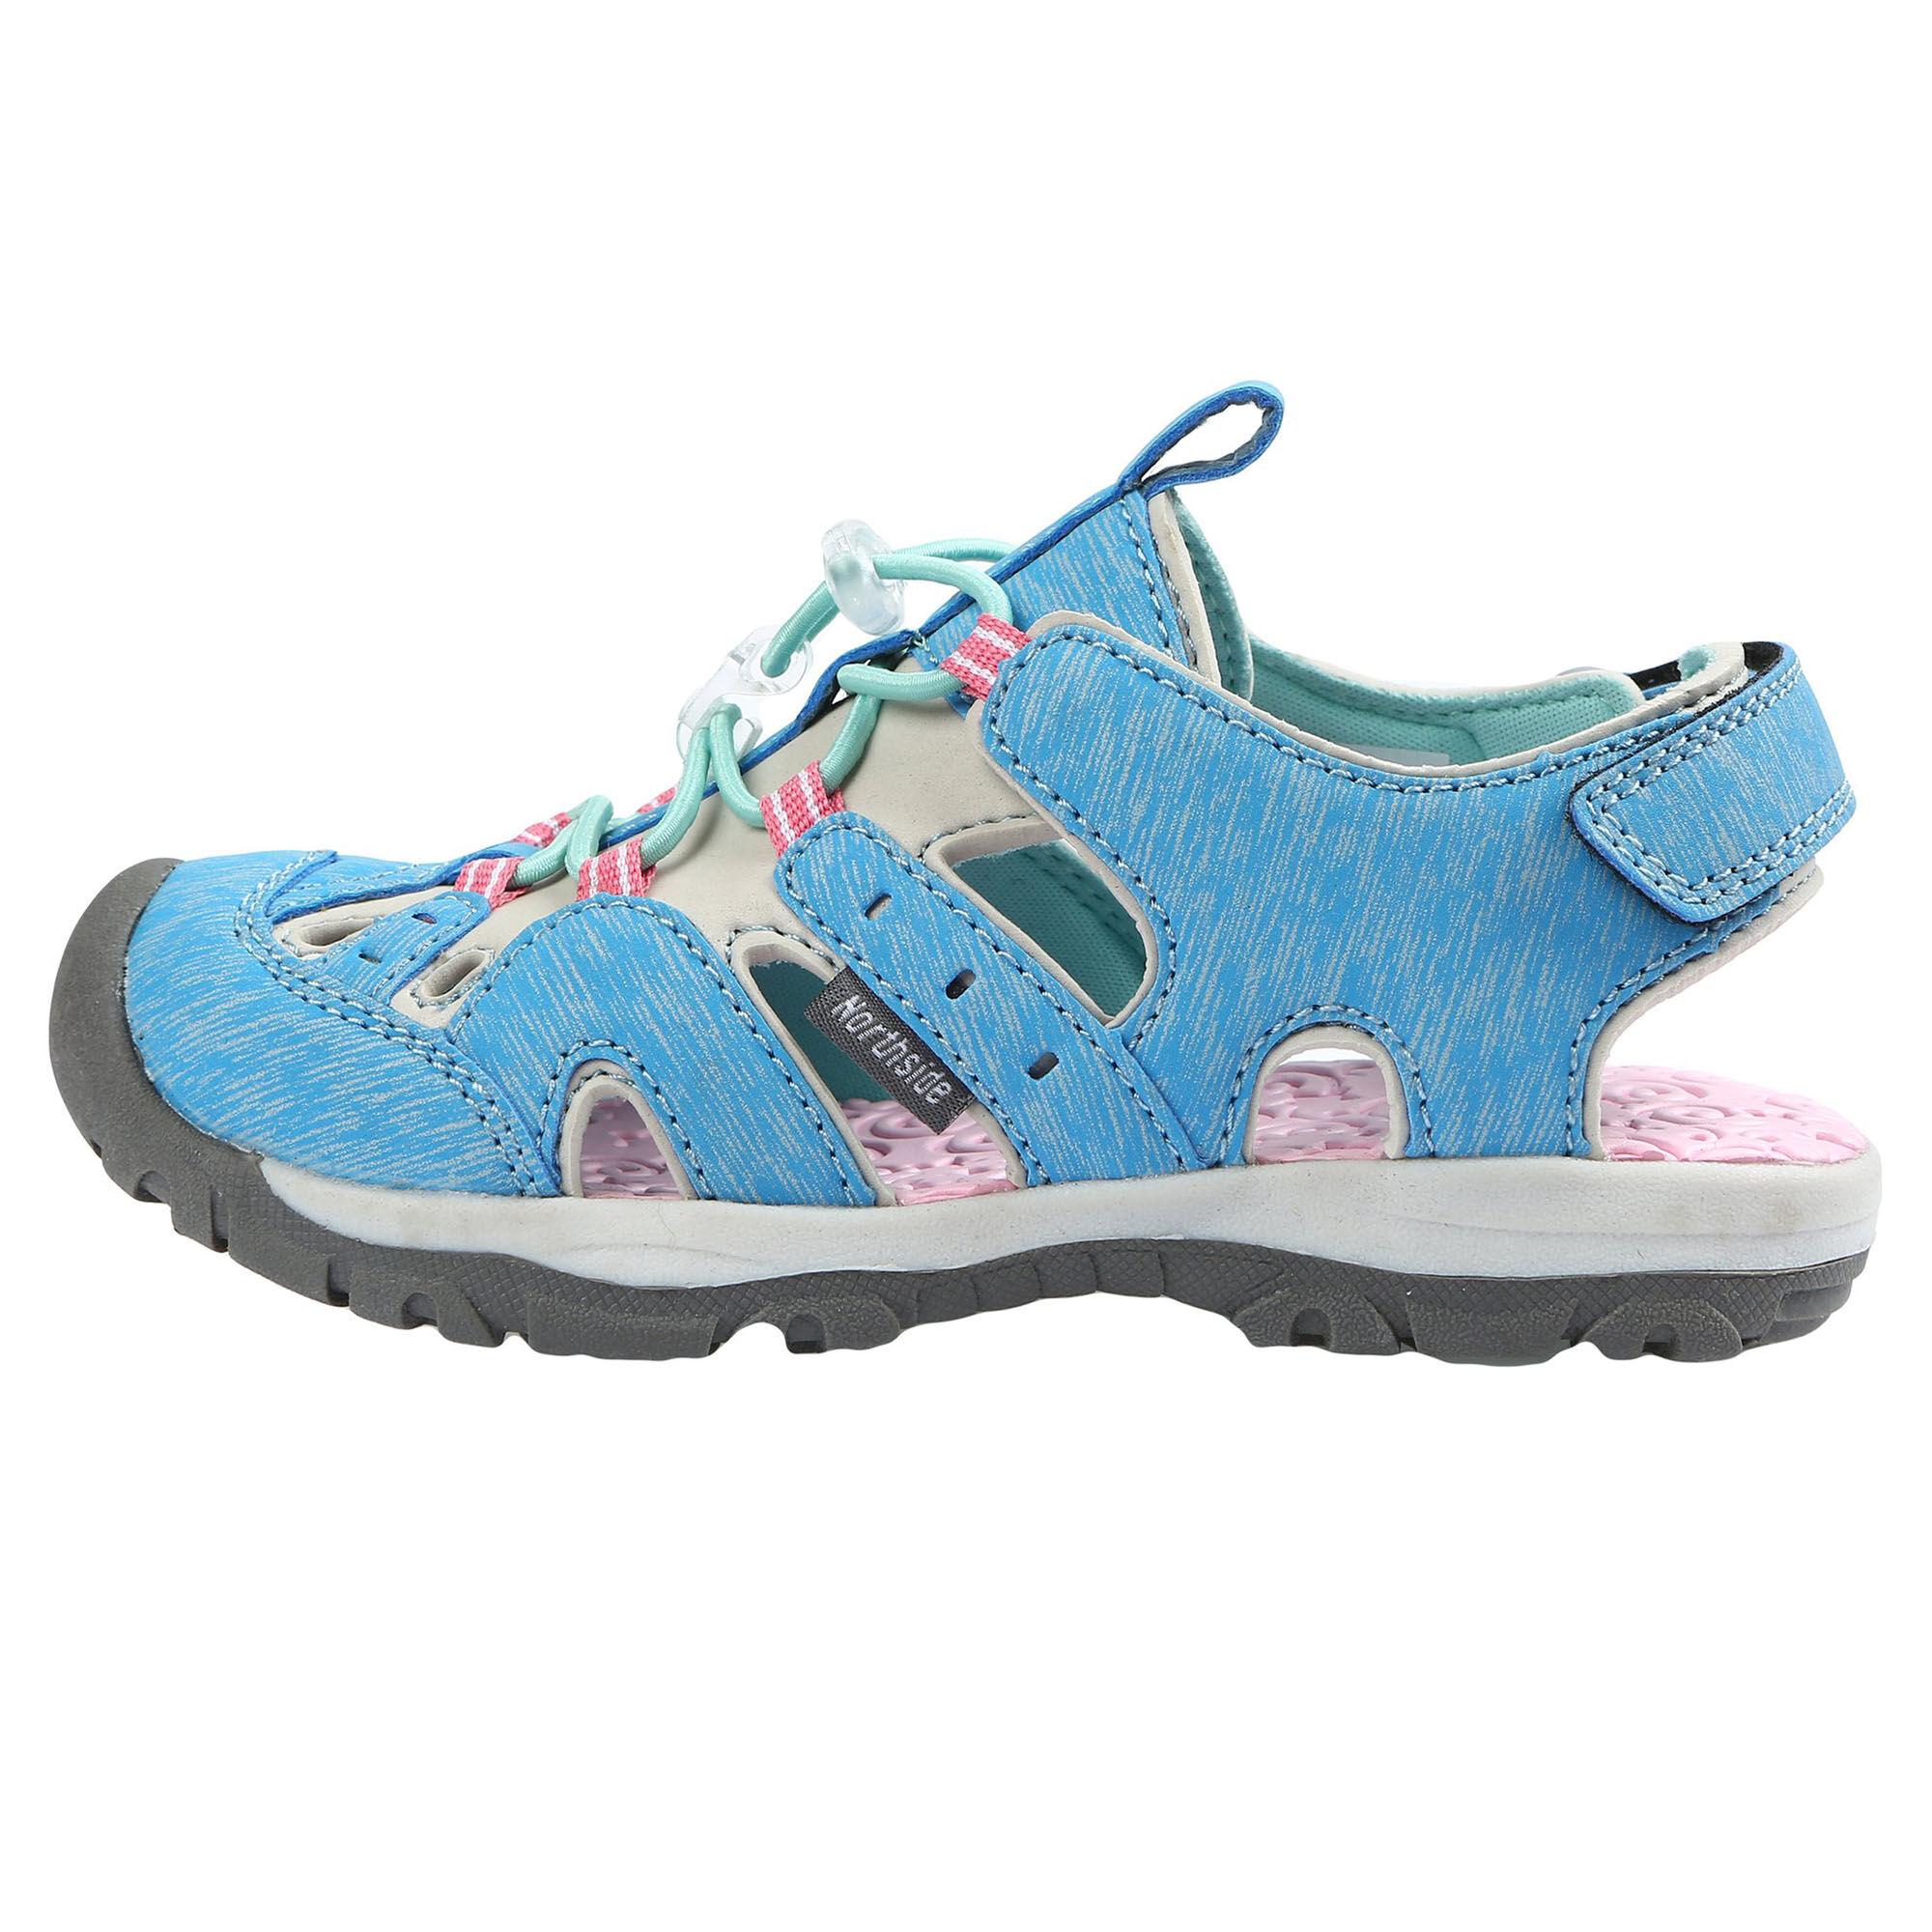 Northside Girl's Burke SE Sport Sandals  - Blue/Pink - Size: 4